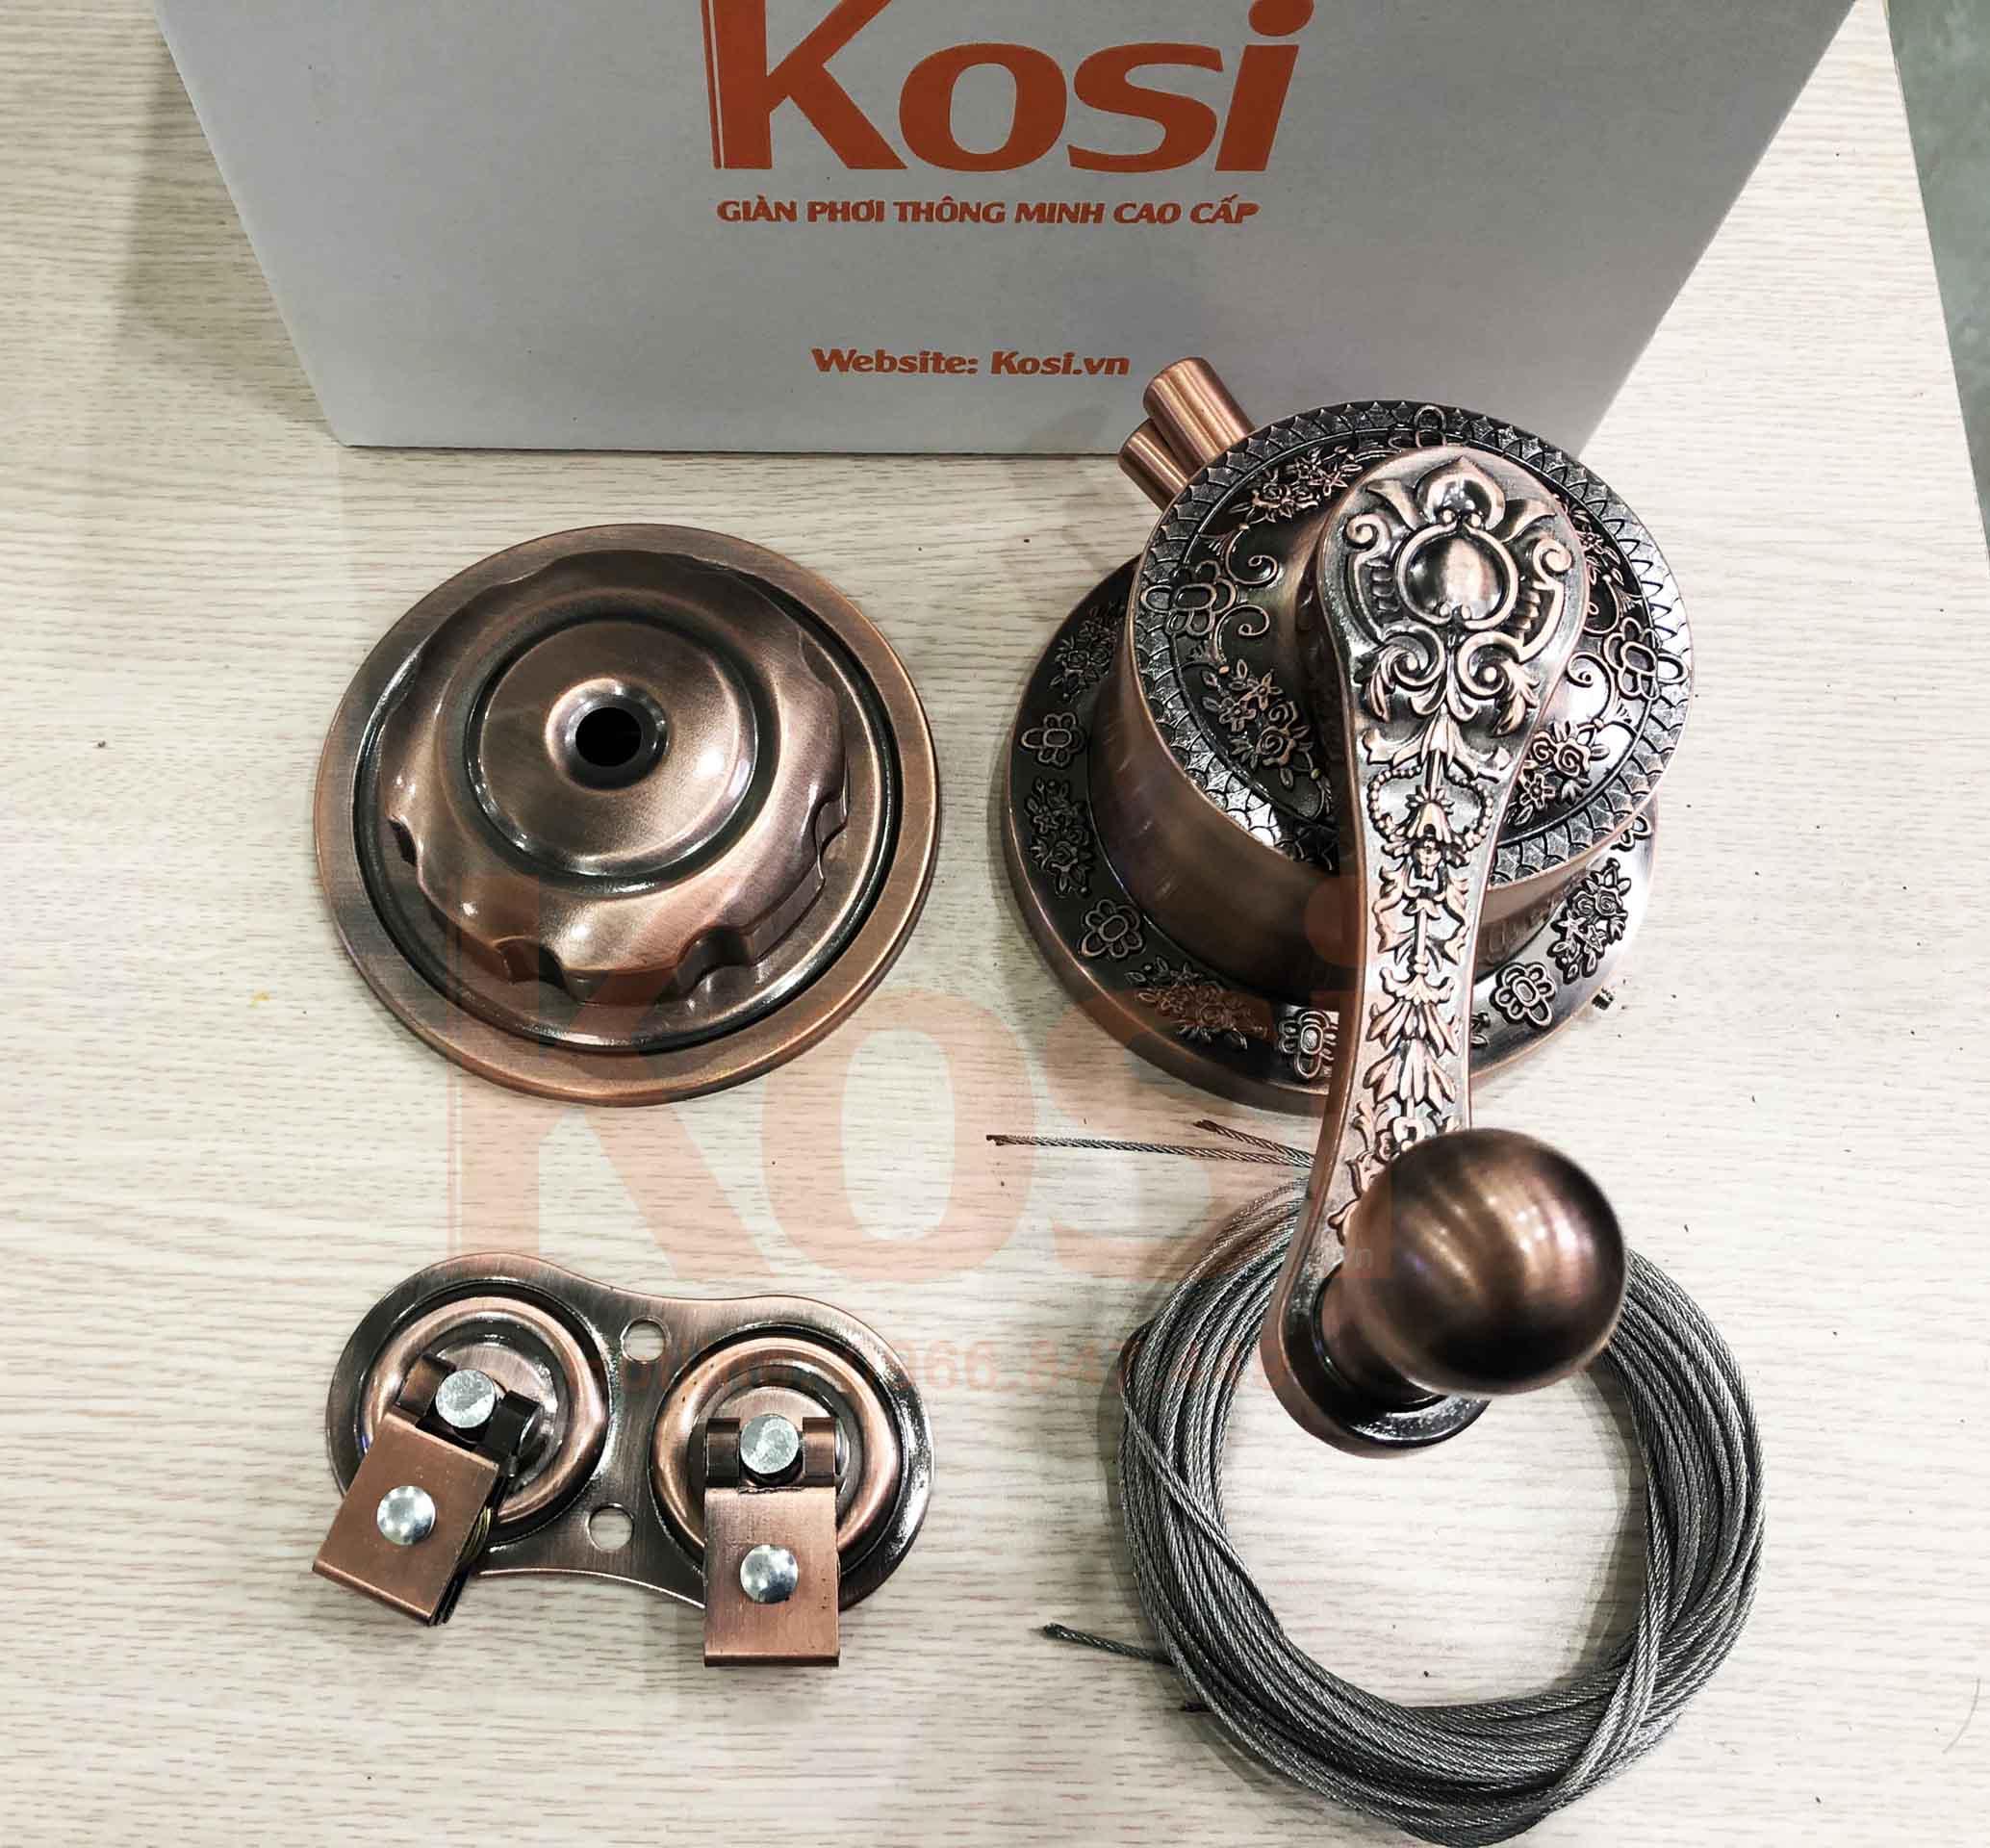 Lắp đặt giàn phơi Kosi KS09 cho A Phương ở Nam Từ Liêm 1